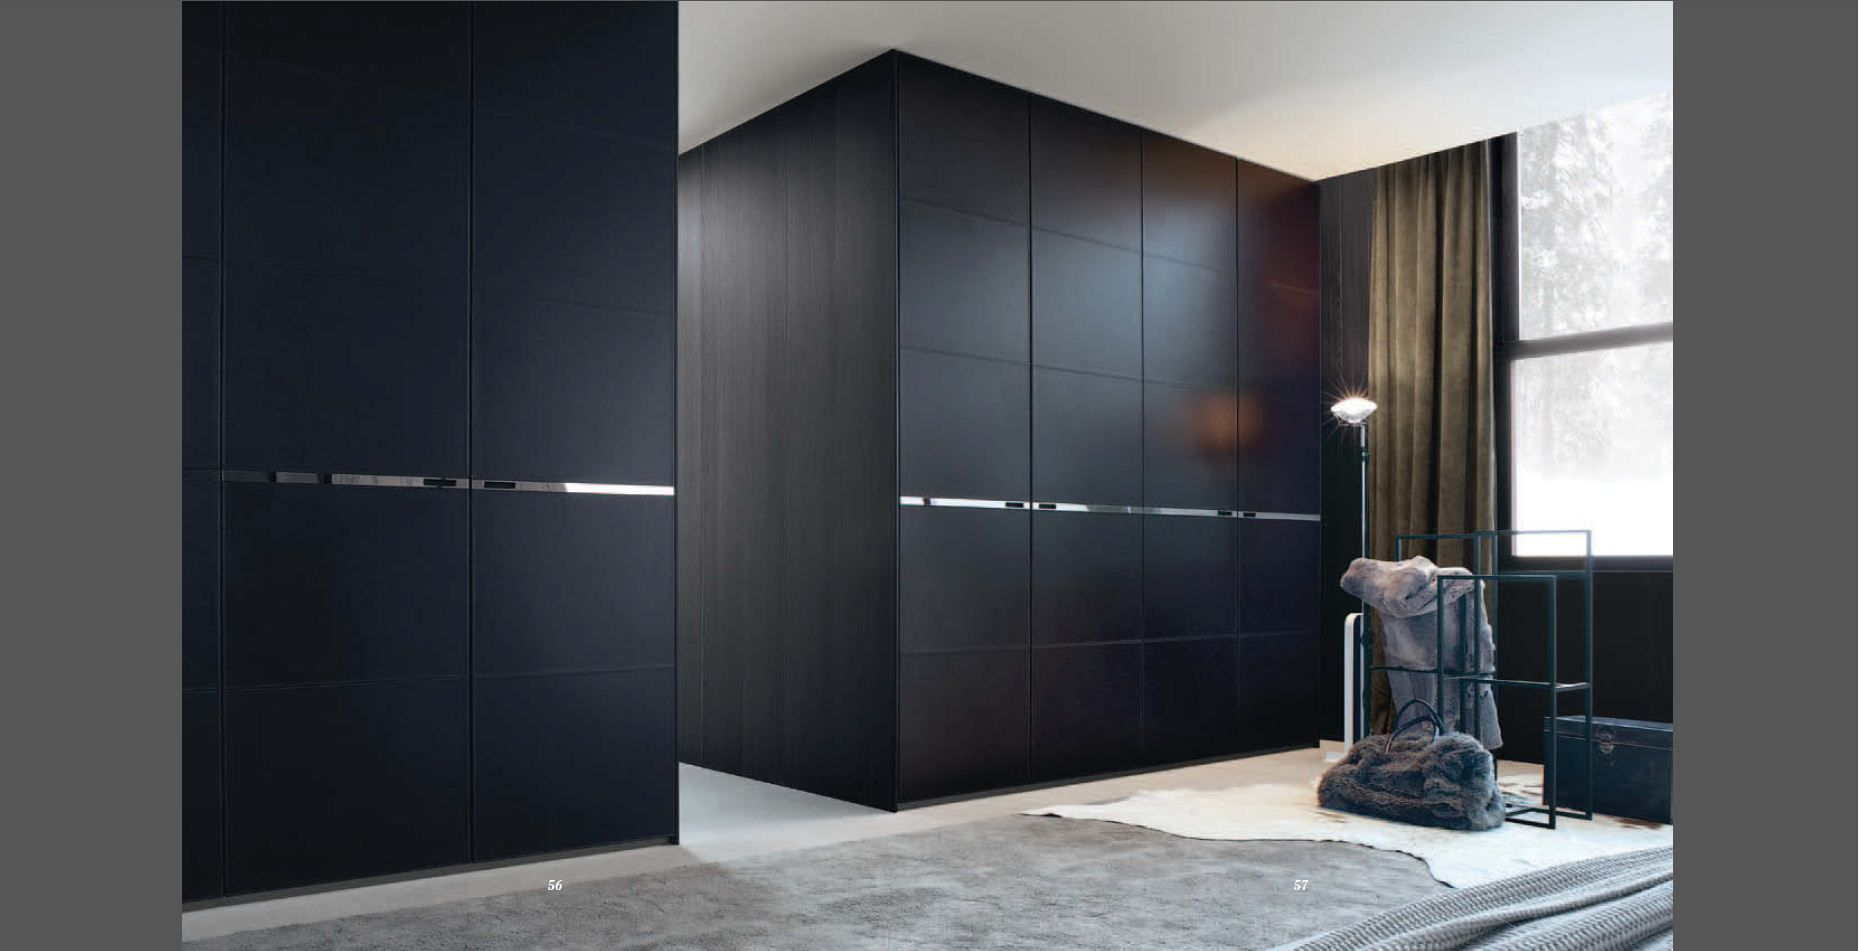 Black Leather Wardrobes Www.poliform.it